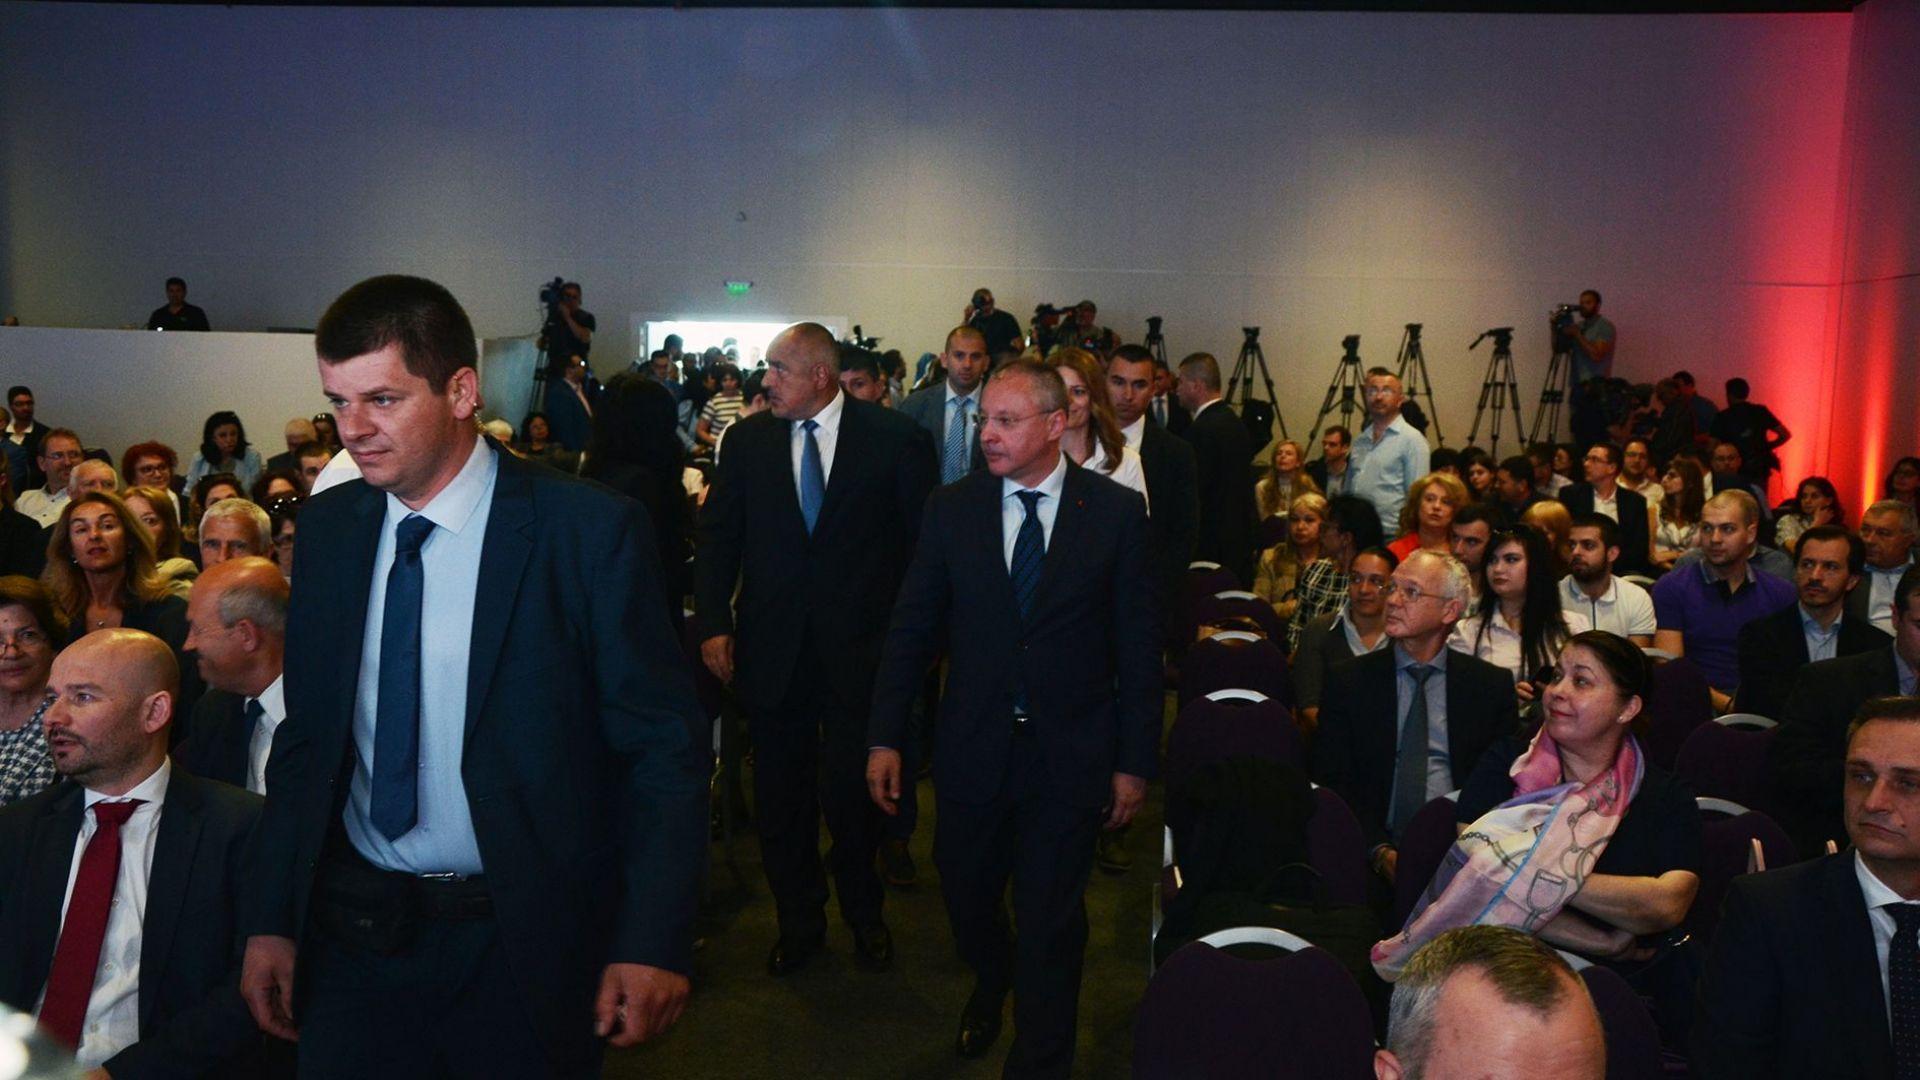 """Лидерът на ПЕС Сергей Станишев и премиерът Бойко Борисов на конференцията """"Европа отново на път - икономическата логика срещу митовете"""""""